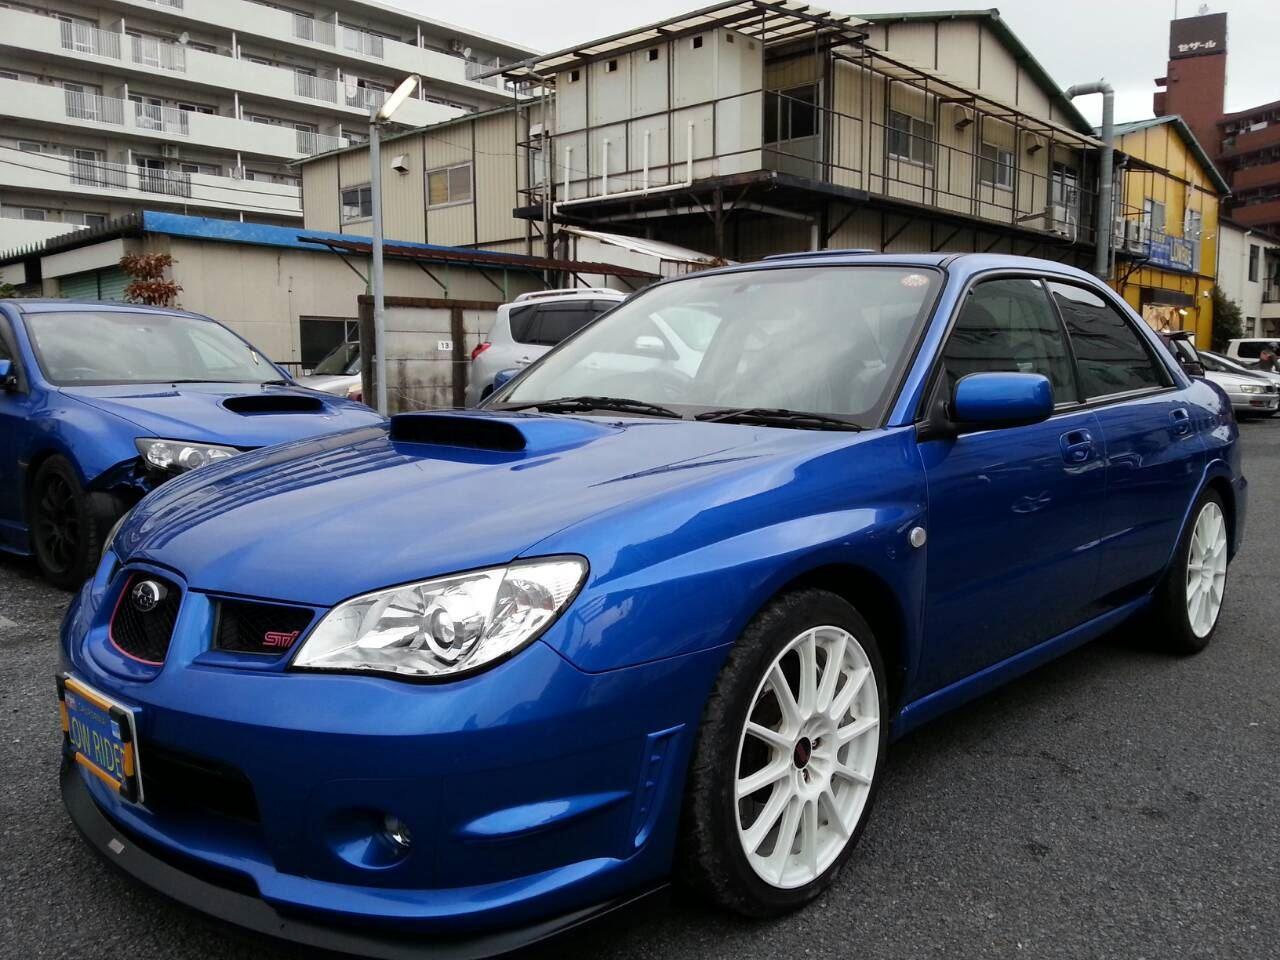 東京都立川市の車の板金塗装修理工場 ガレージローライドのスバル レガシィのガラスコーティング メンテナンス等です。